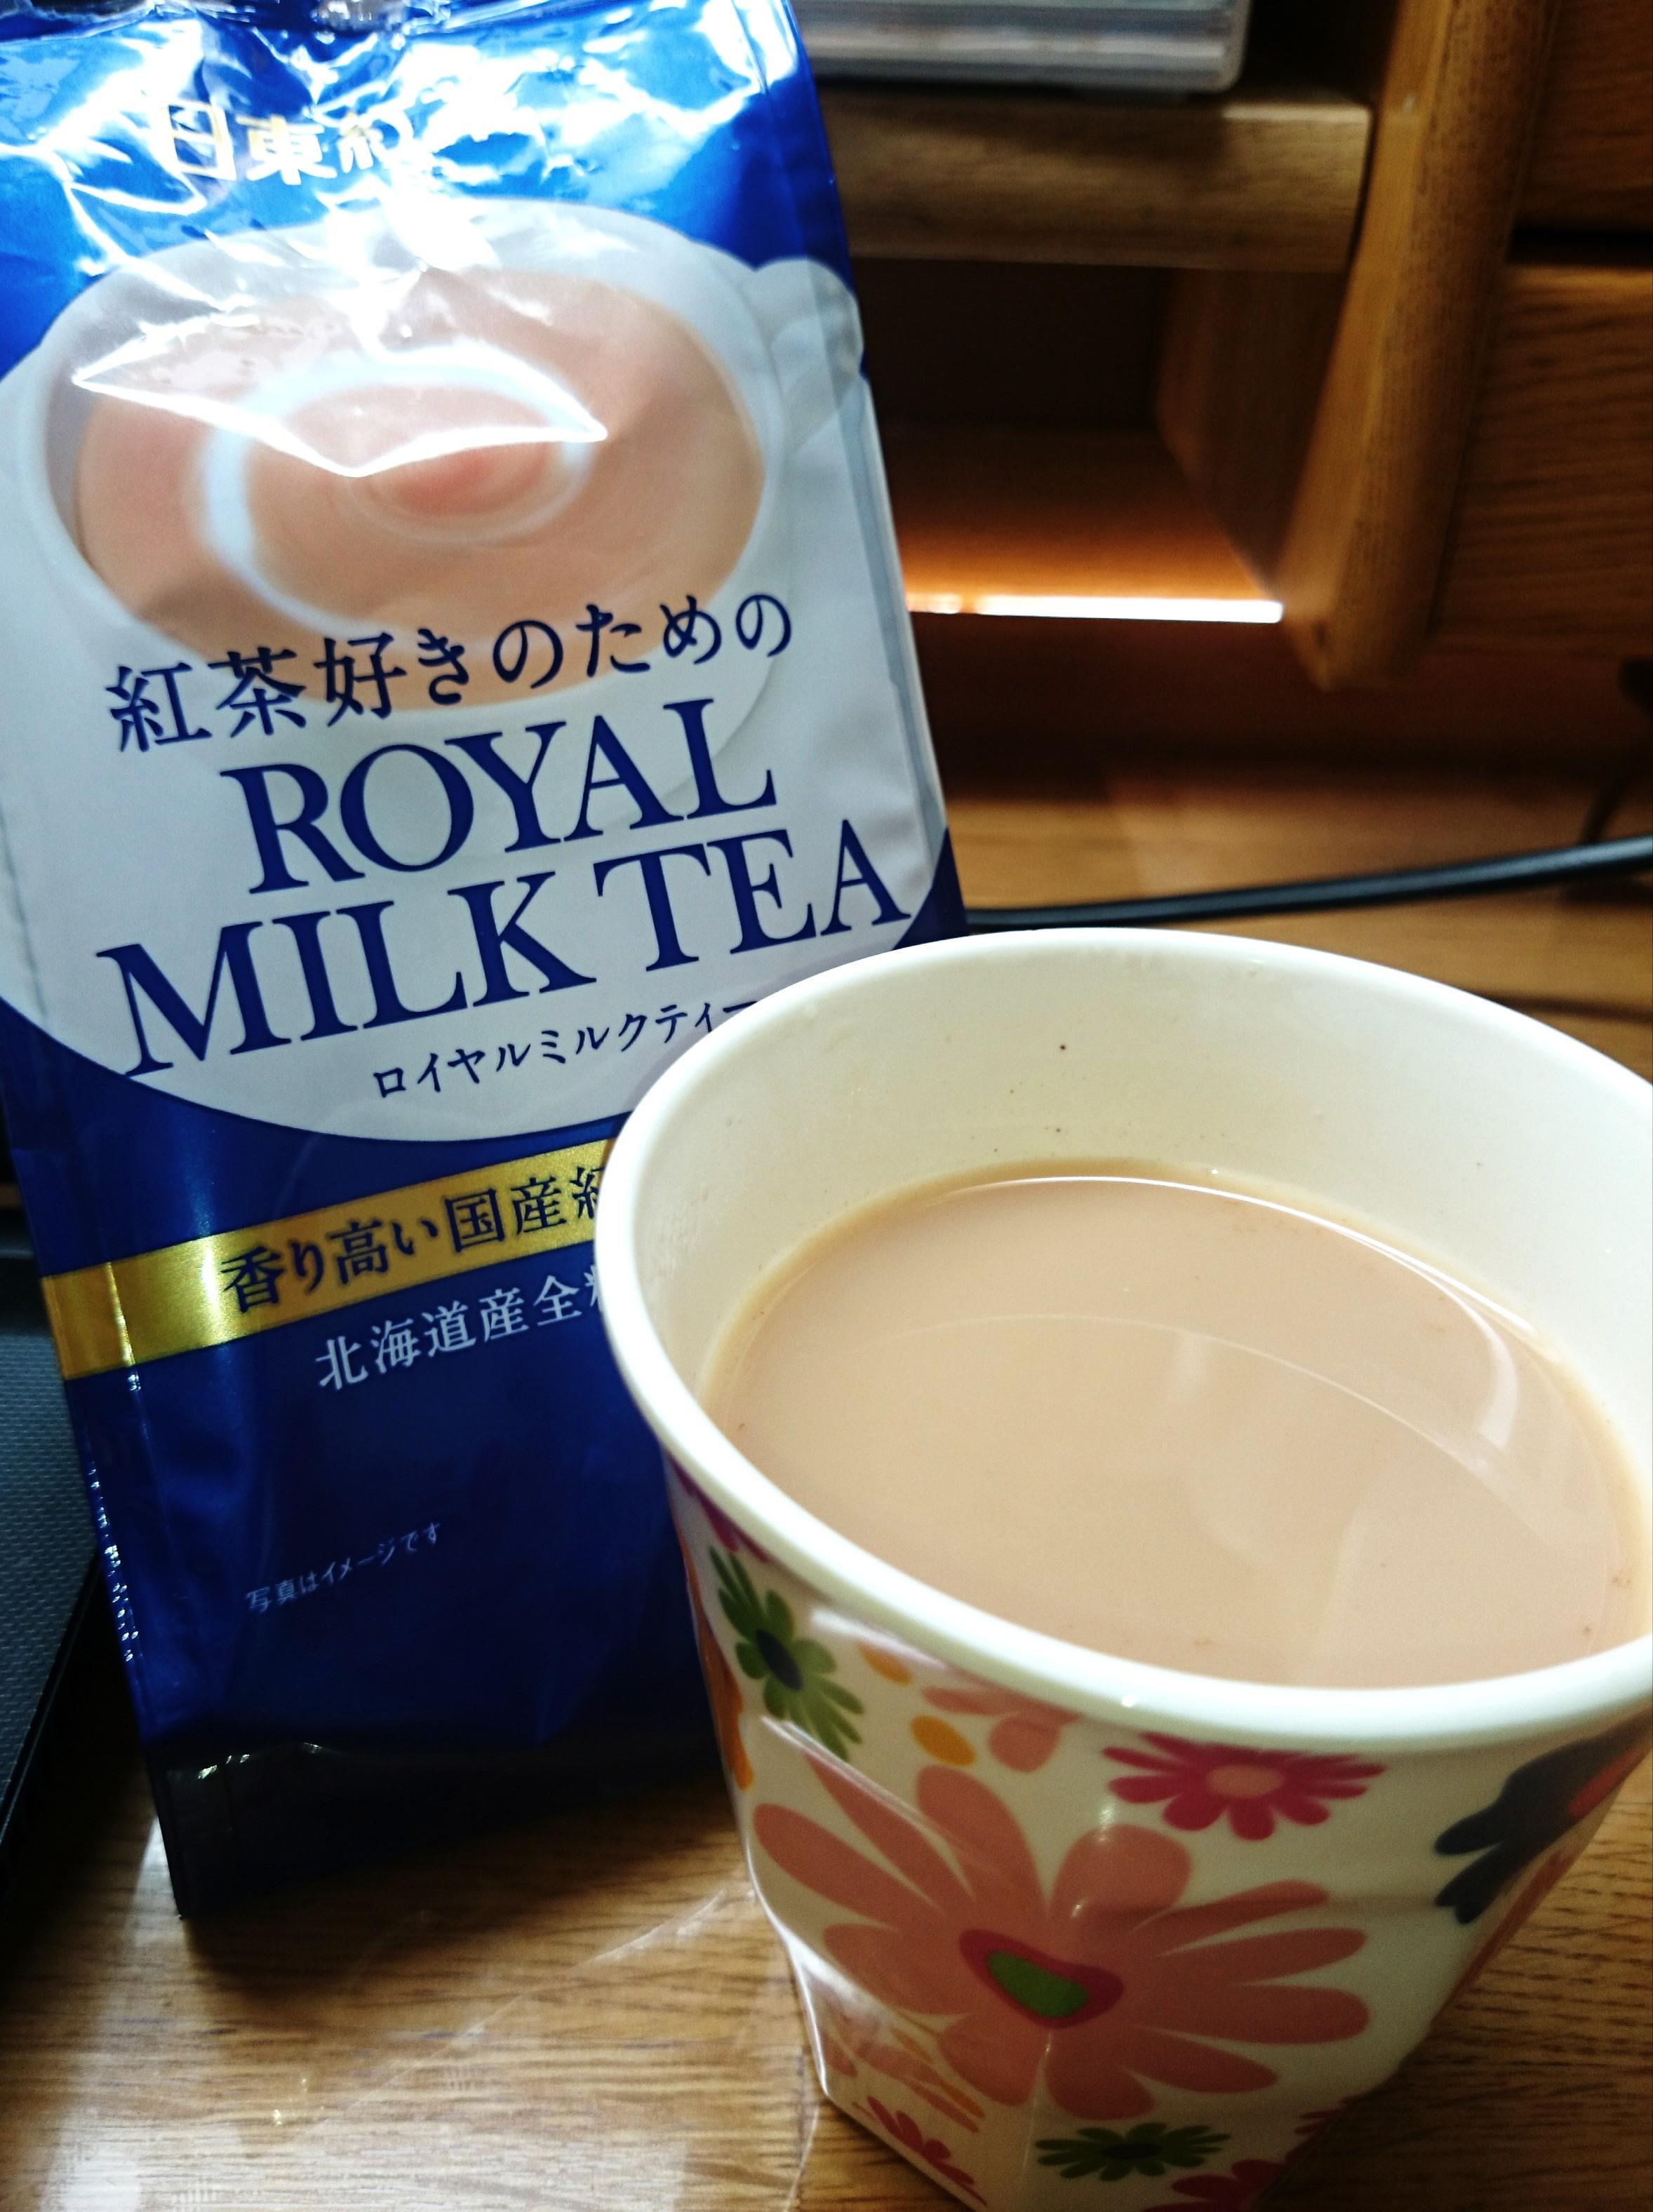 ティー ロイヤル ミルク